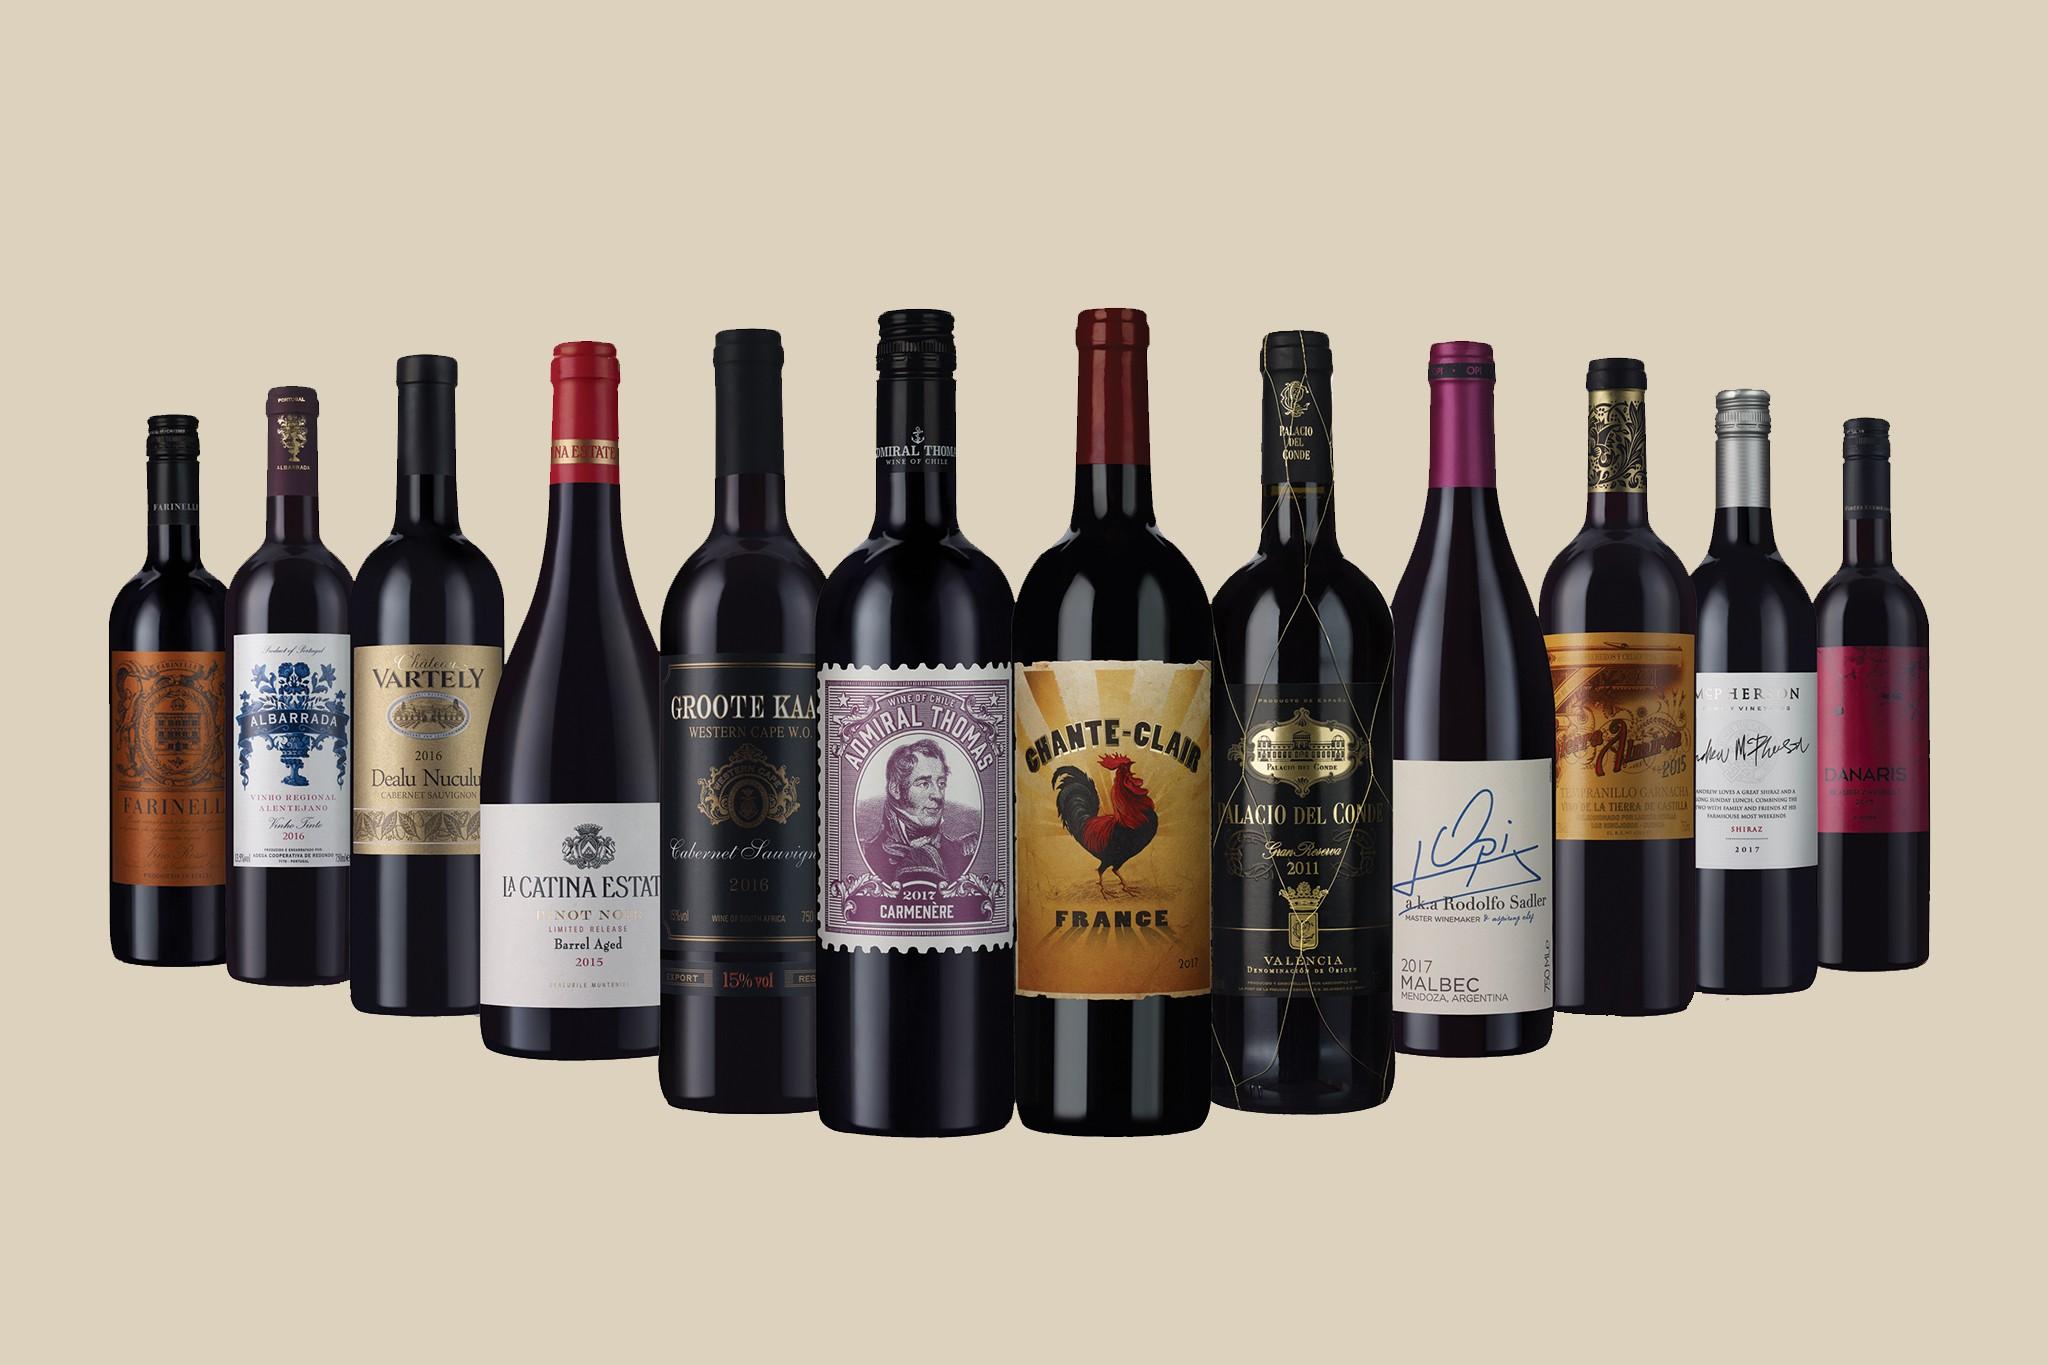 laithwaites-wine-red-wines-free-pandp-2048-1365